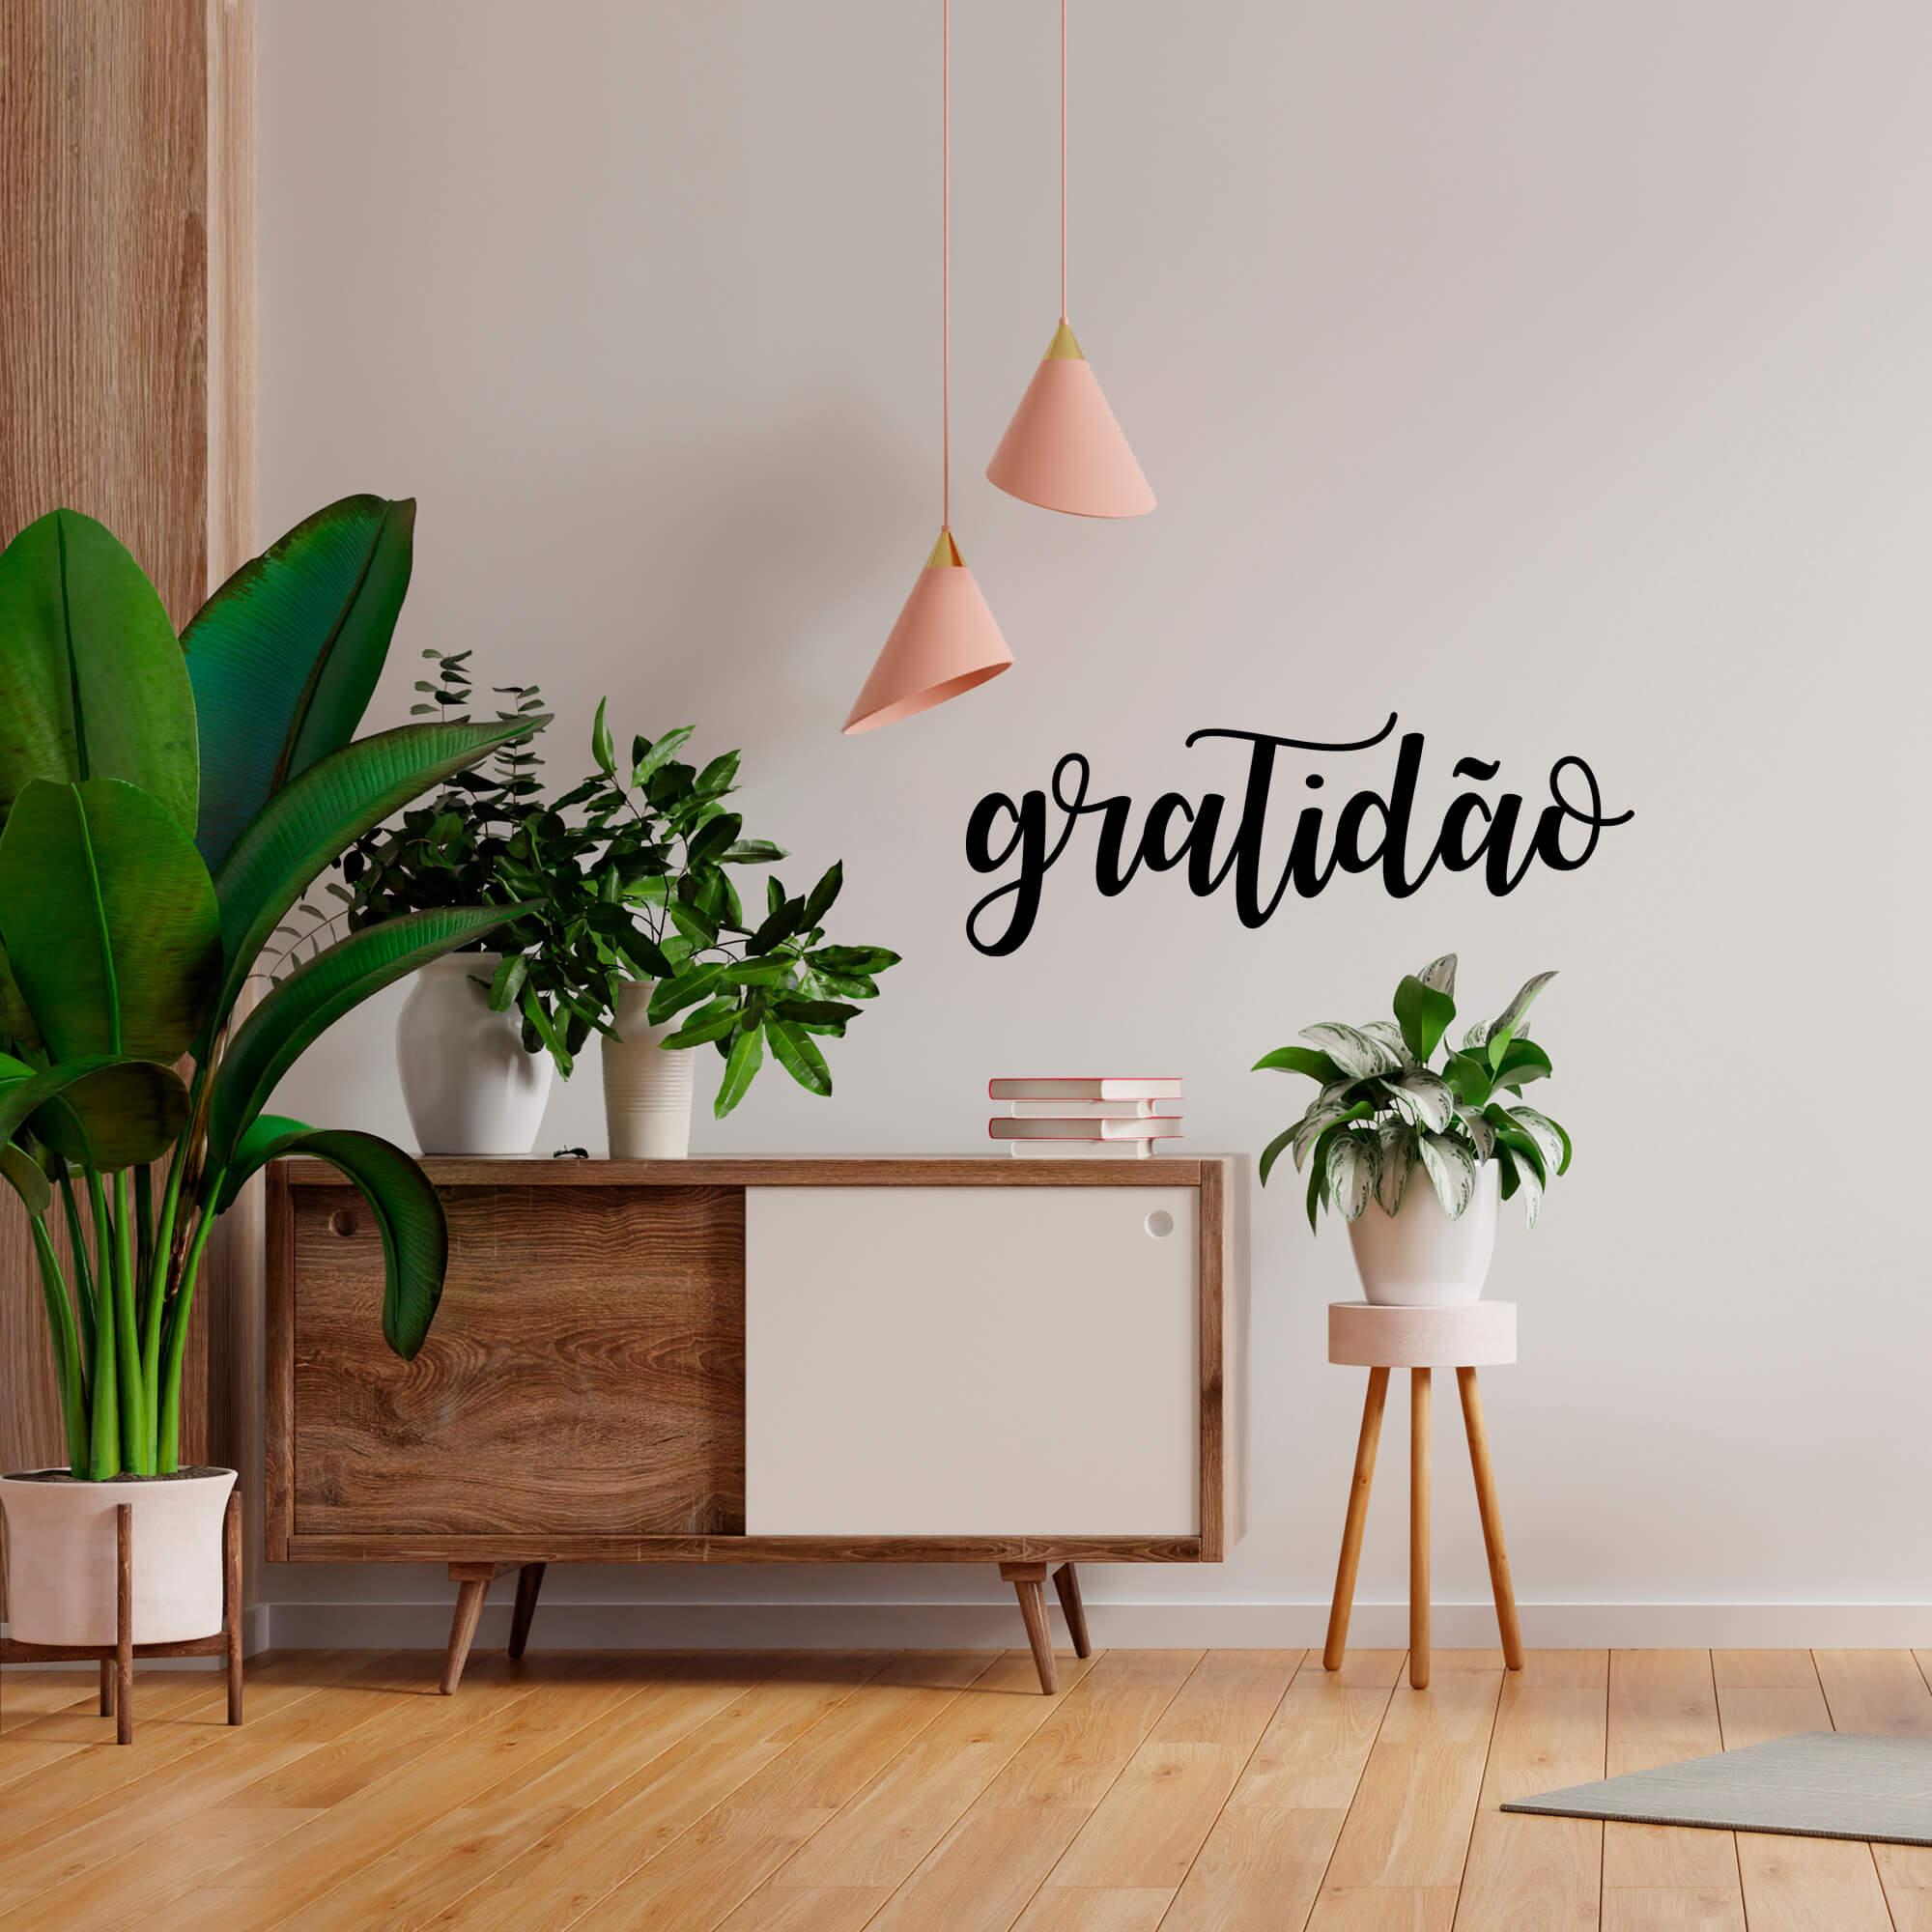 Adesivo de Parede Lettering Gratidão Agradecer Decoração Fácil Sala Quarto